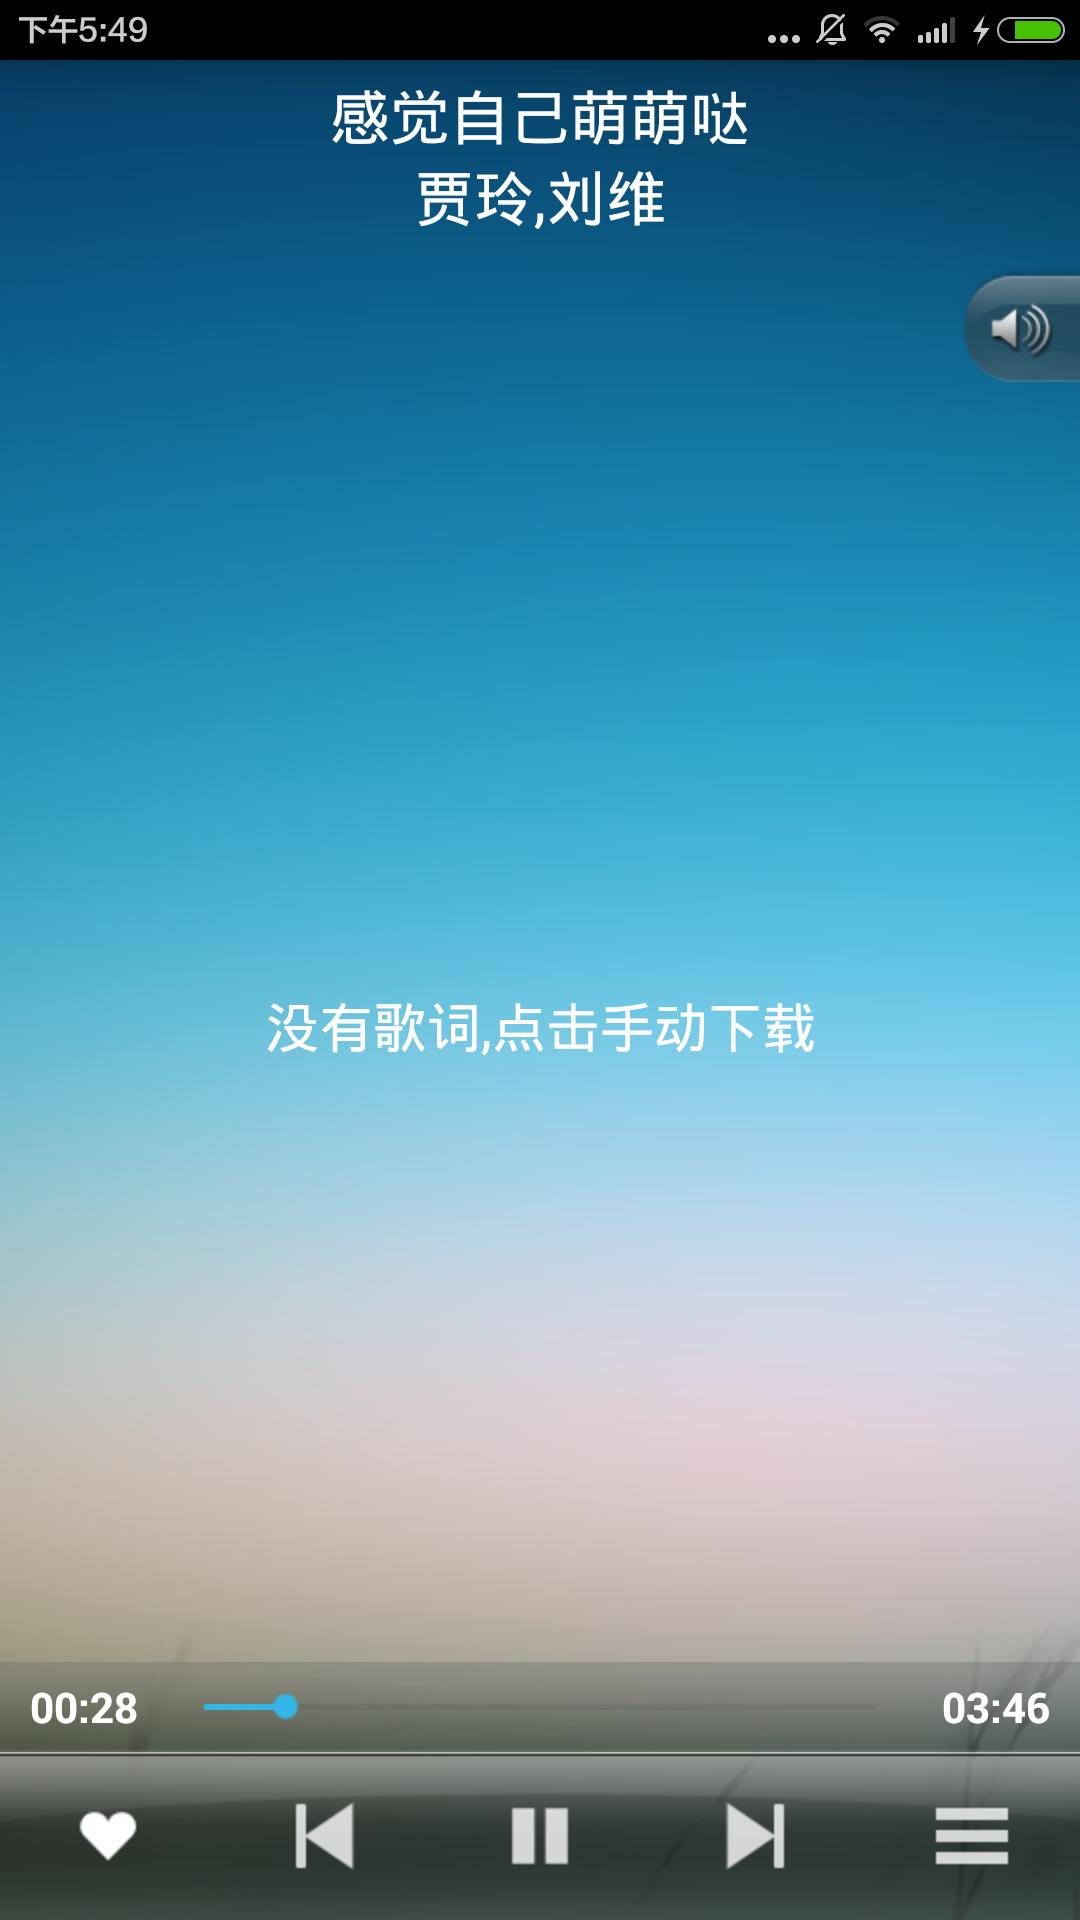 天天音乐播放器 V1.4 安卓版截图4